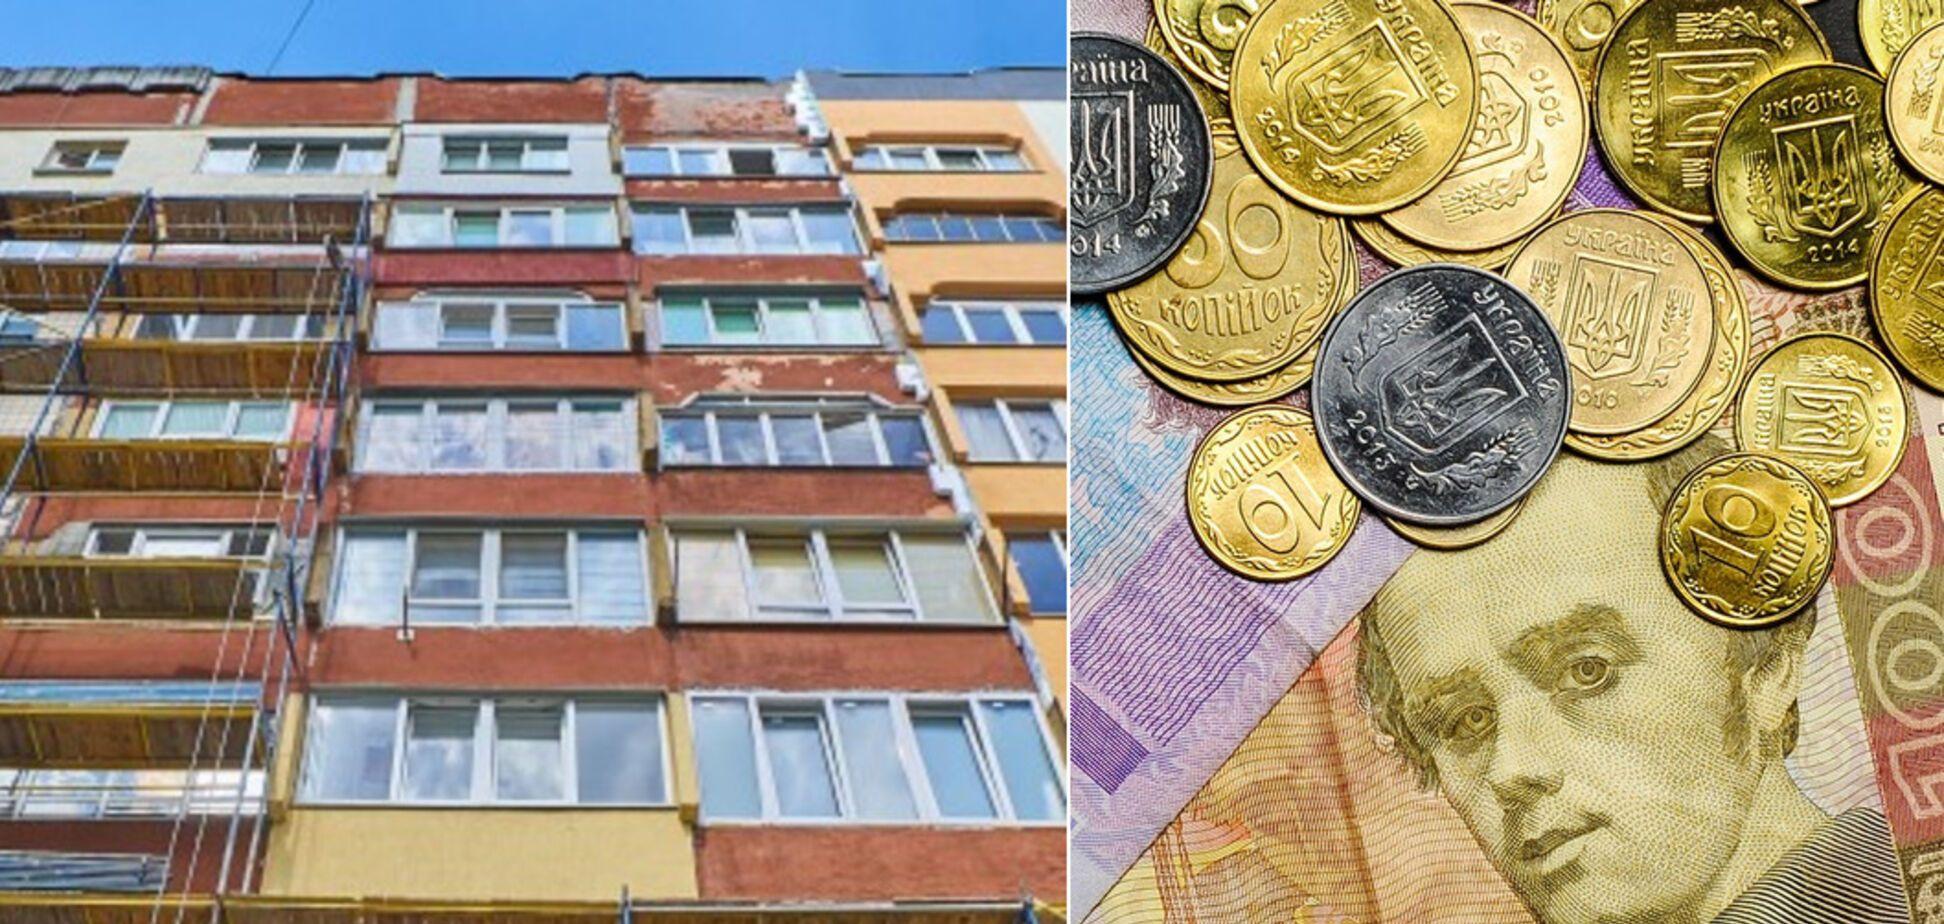 Украинцы заплатят налоги за свои квартиры: когда и сколько